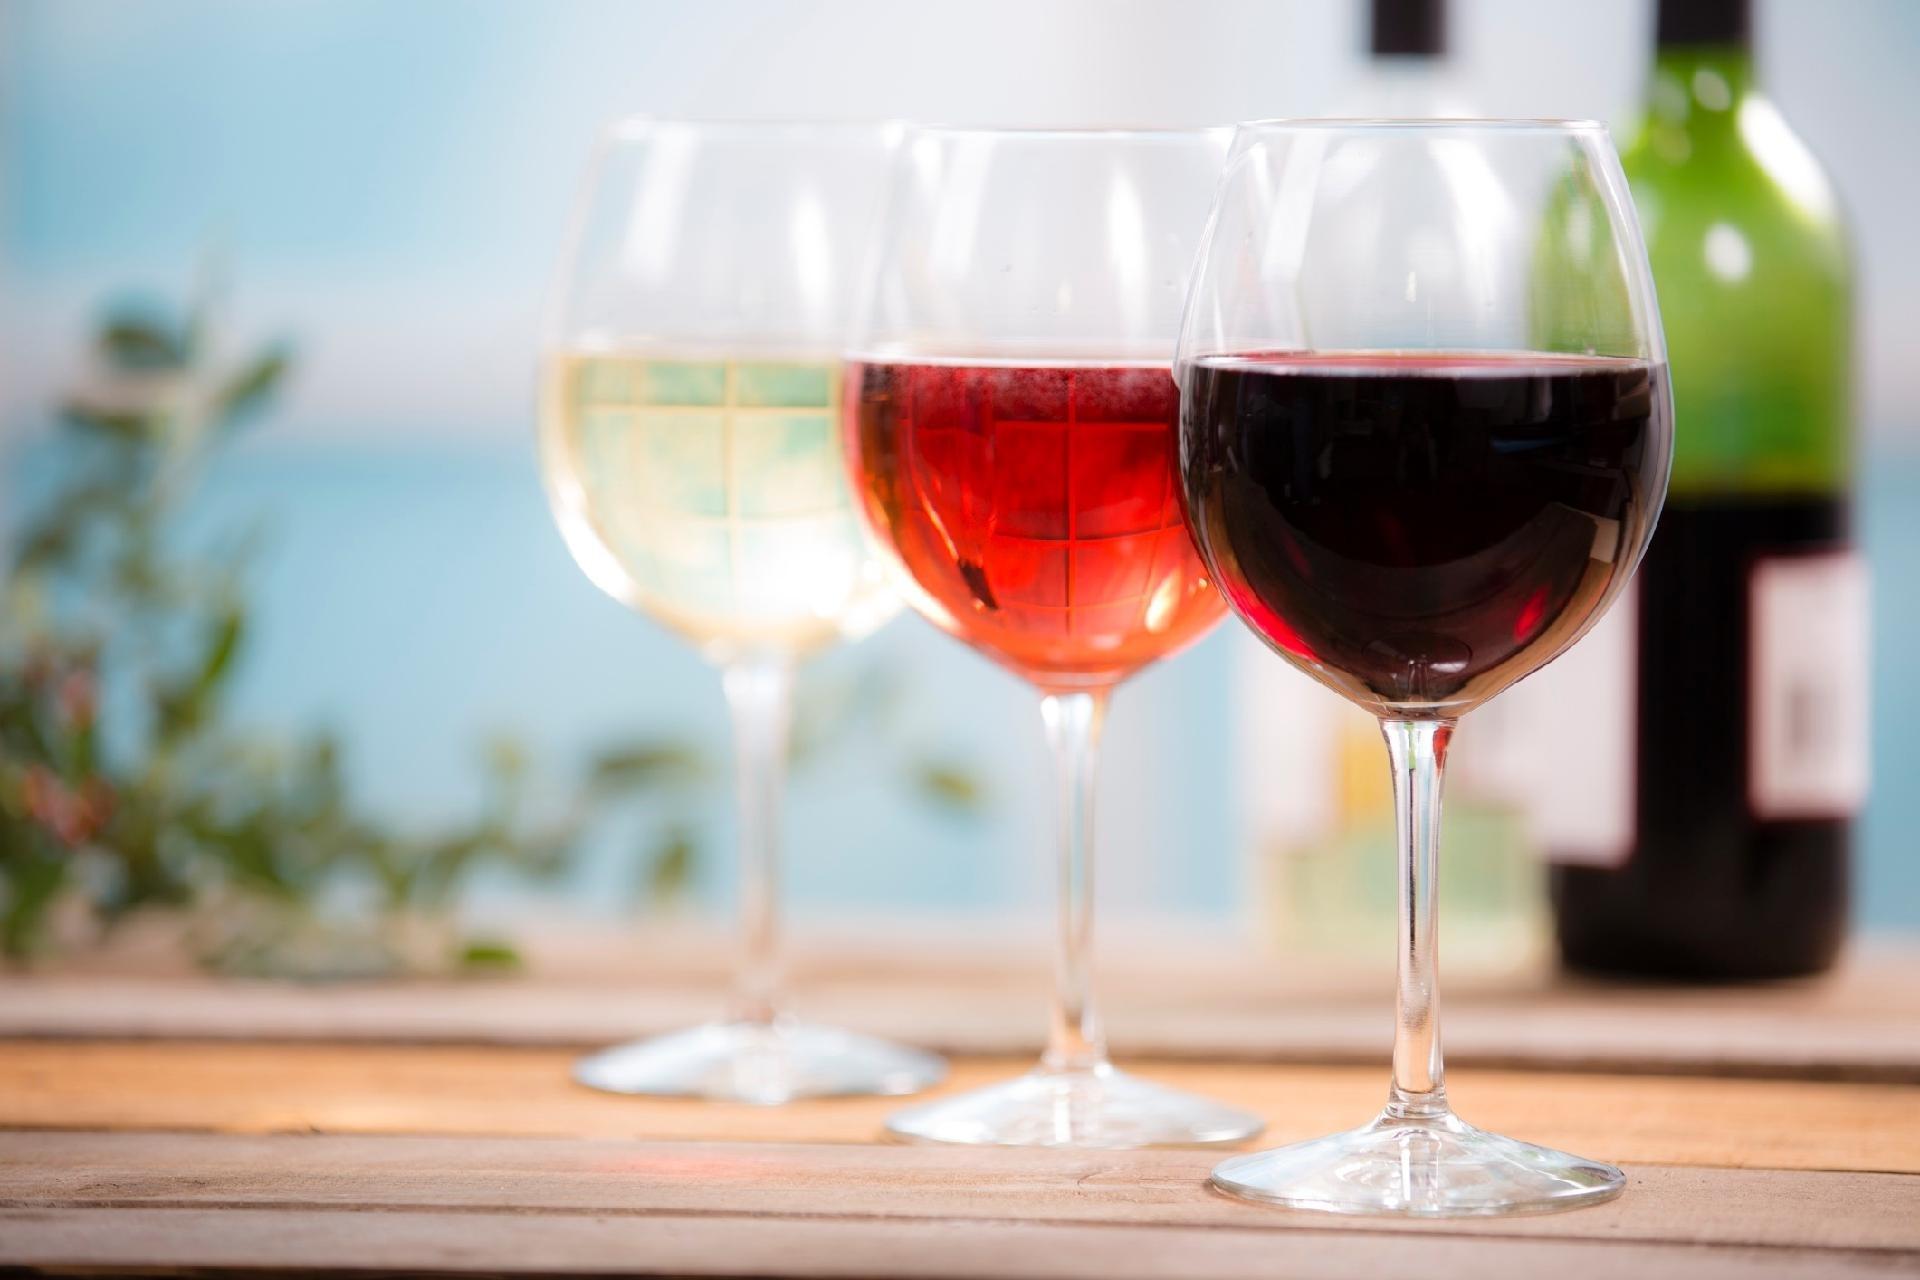 tacas de vinho getty 1489609552628 v2 1920x1280